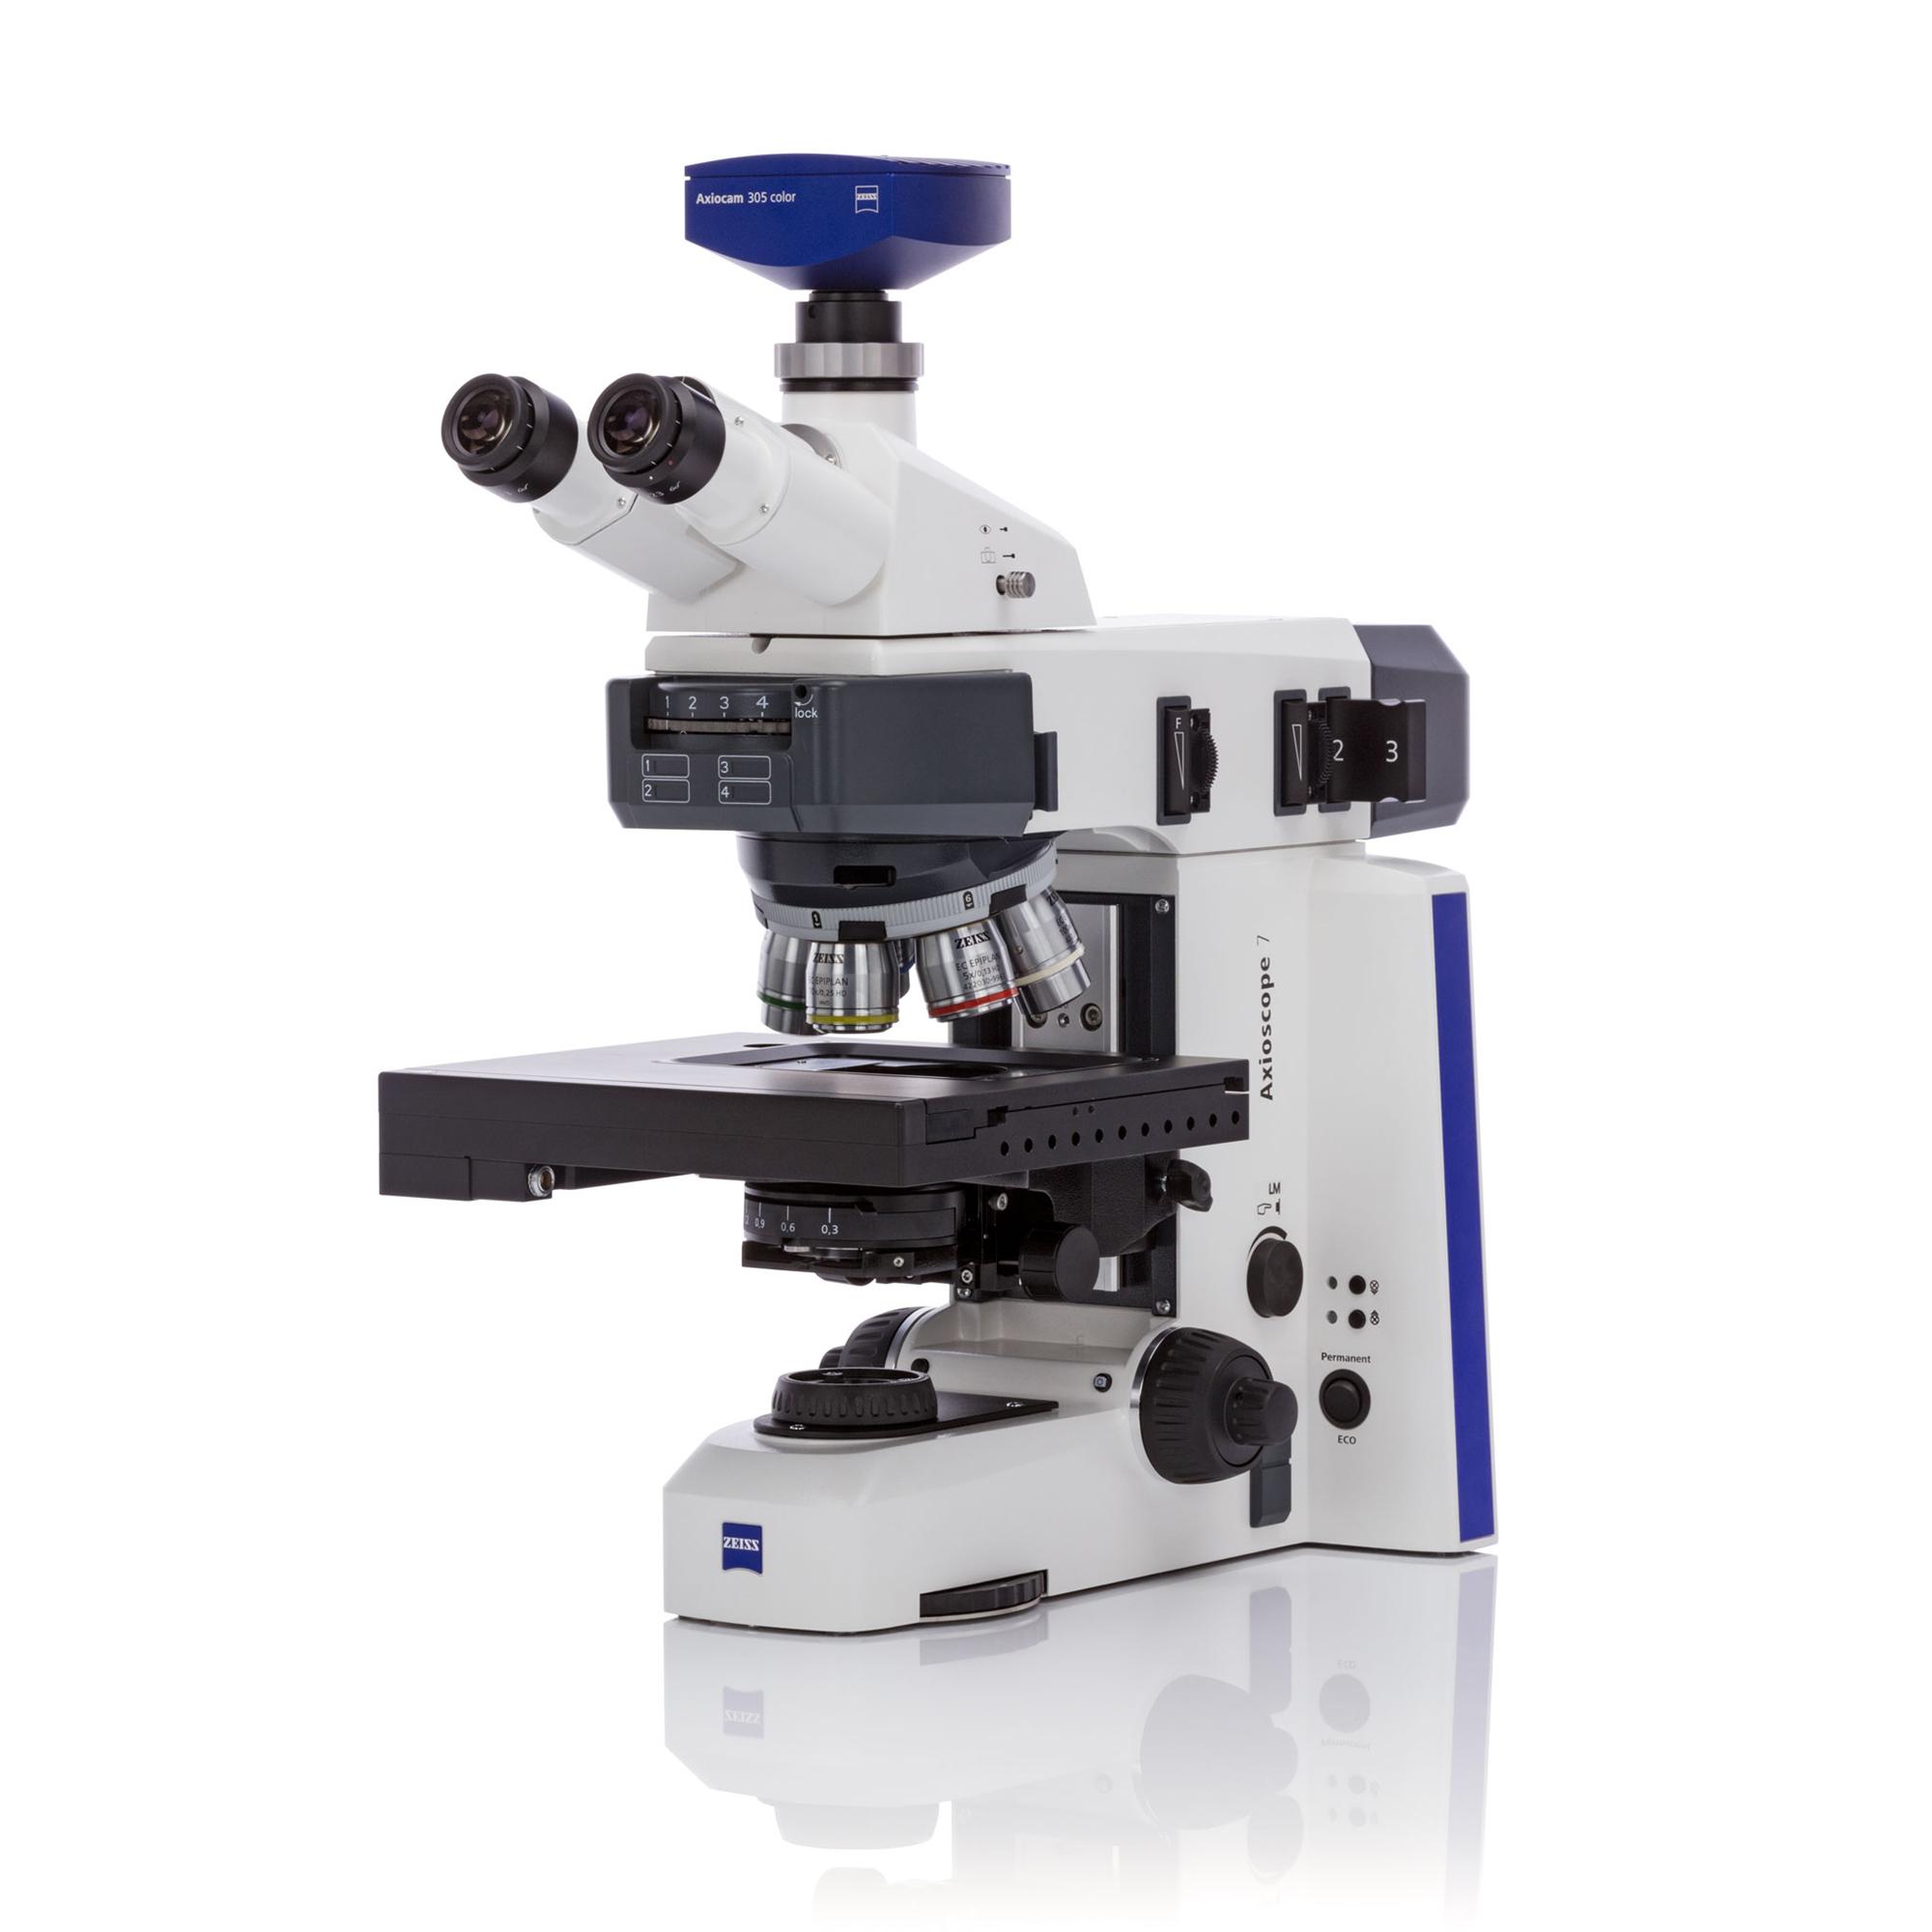 Axioscopio 7